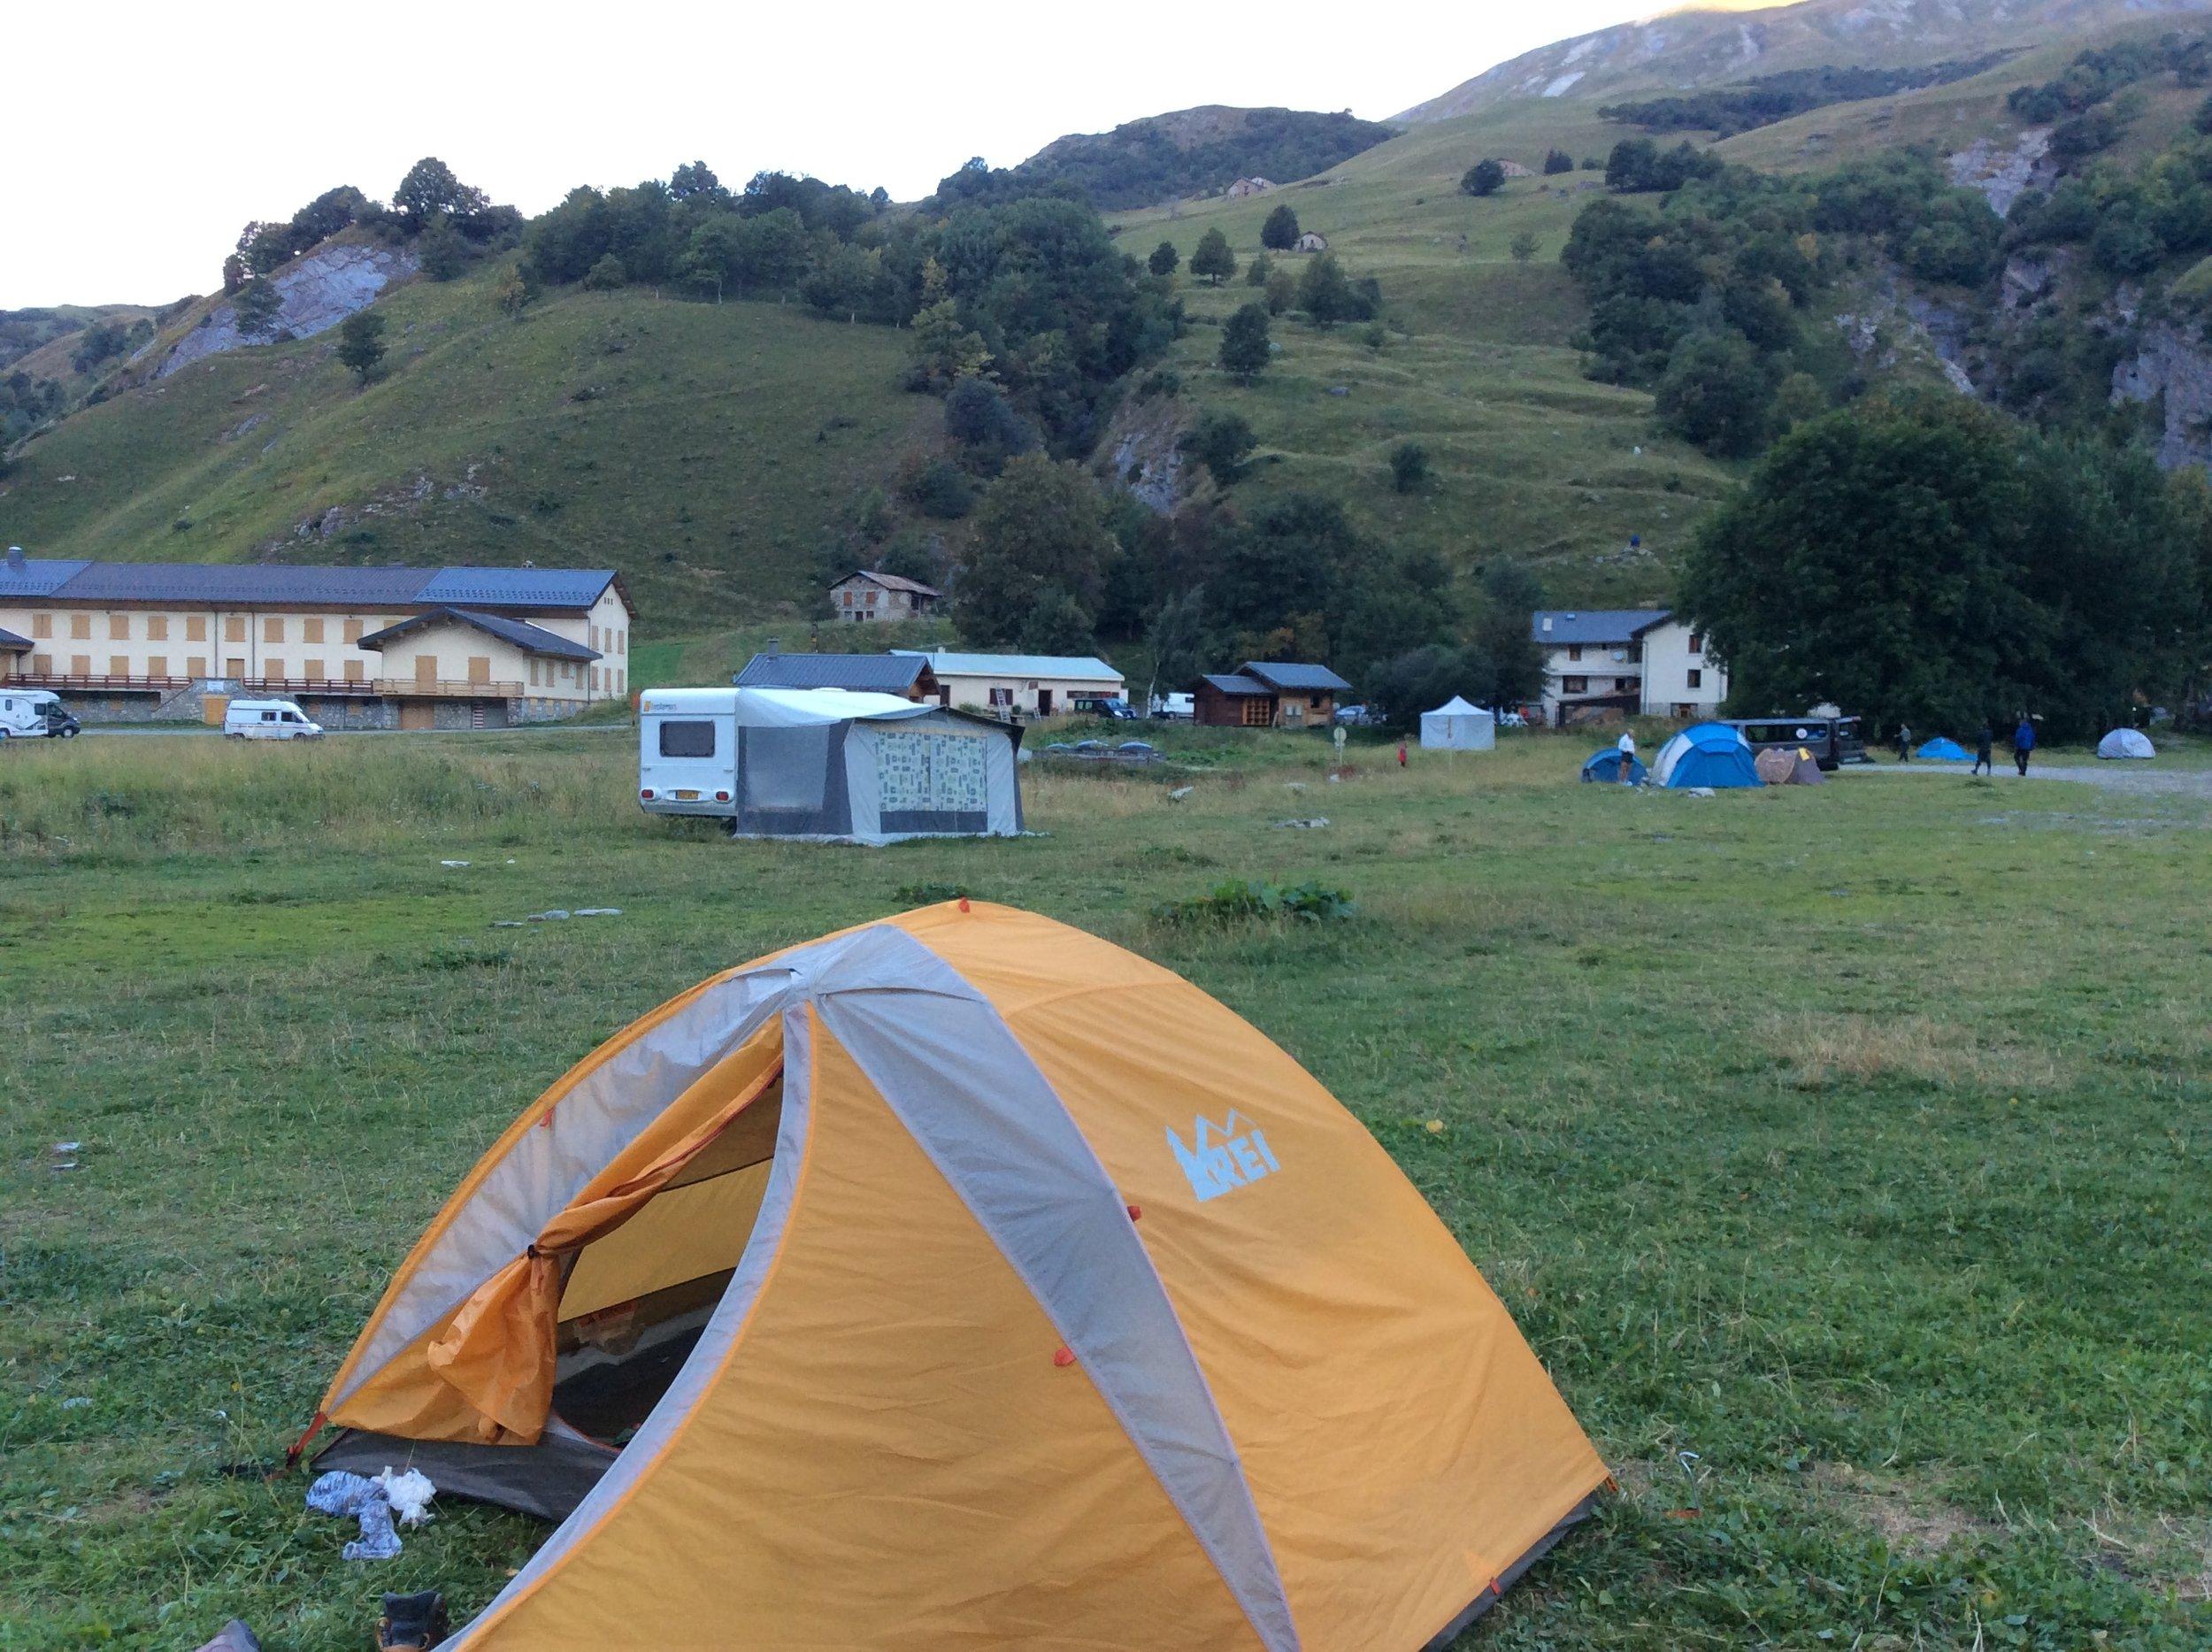 FREE campsite at Les Chapieux!